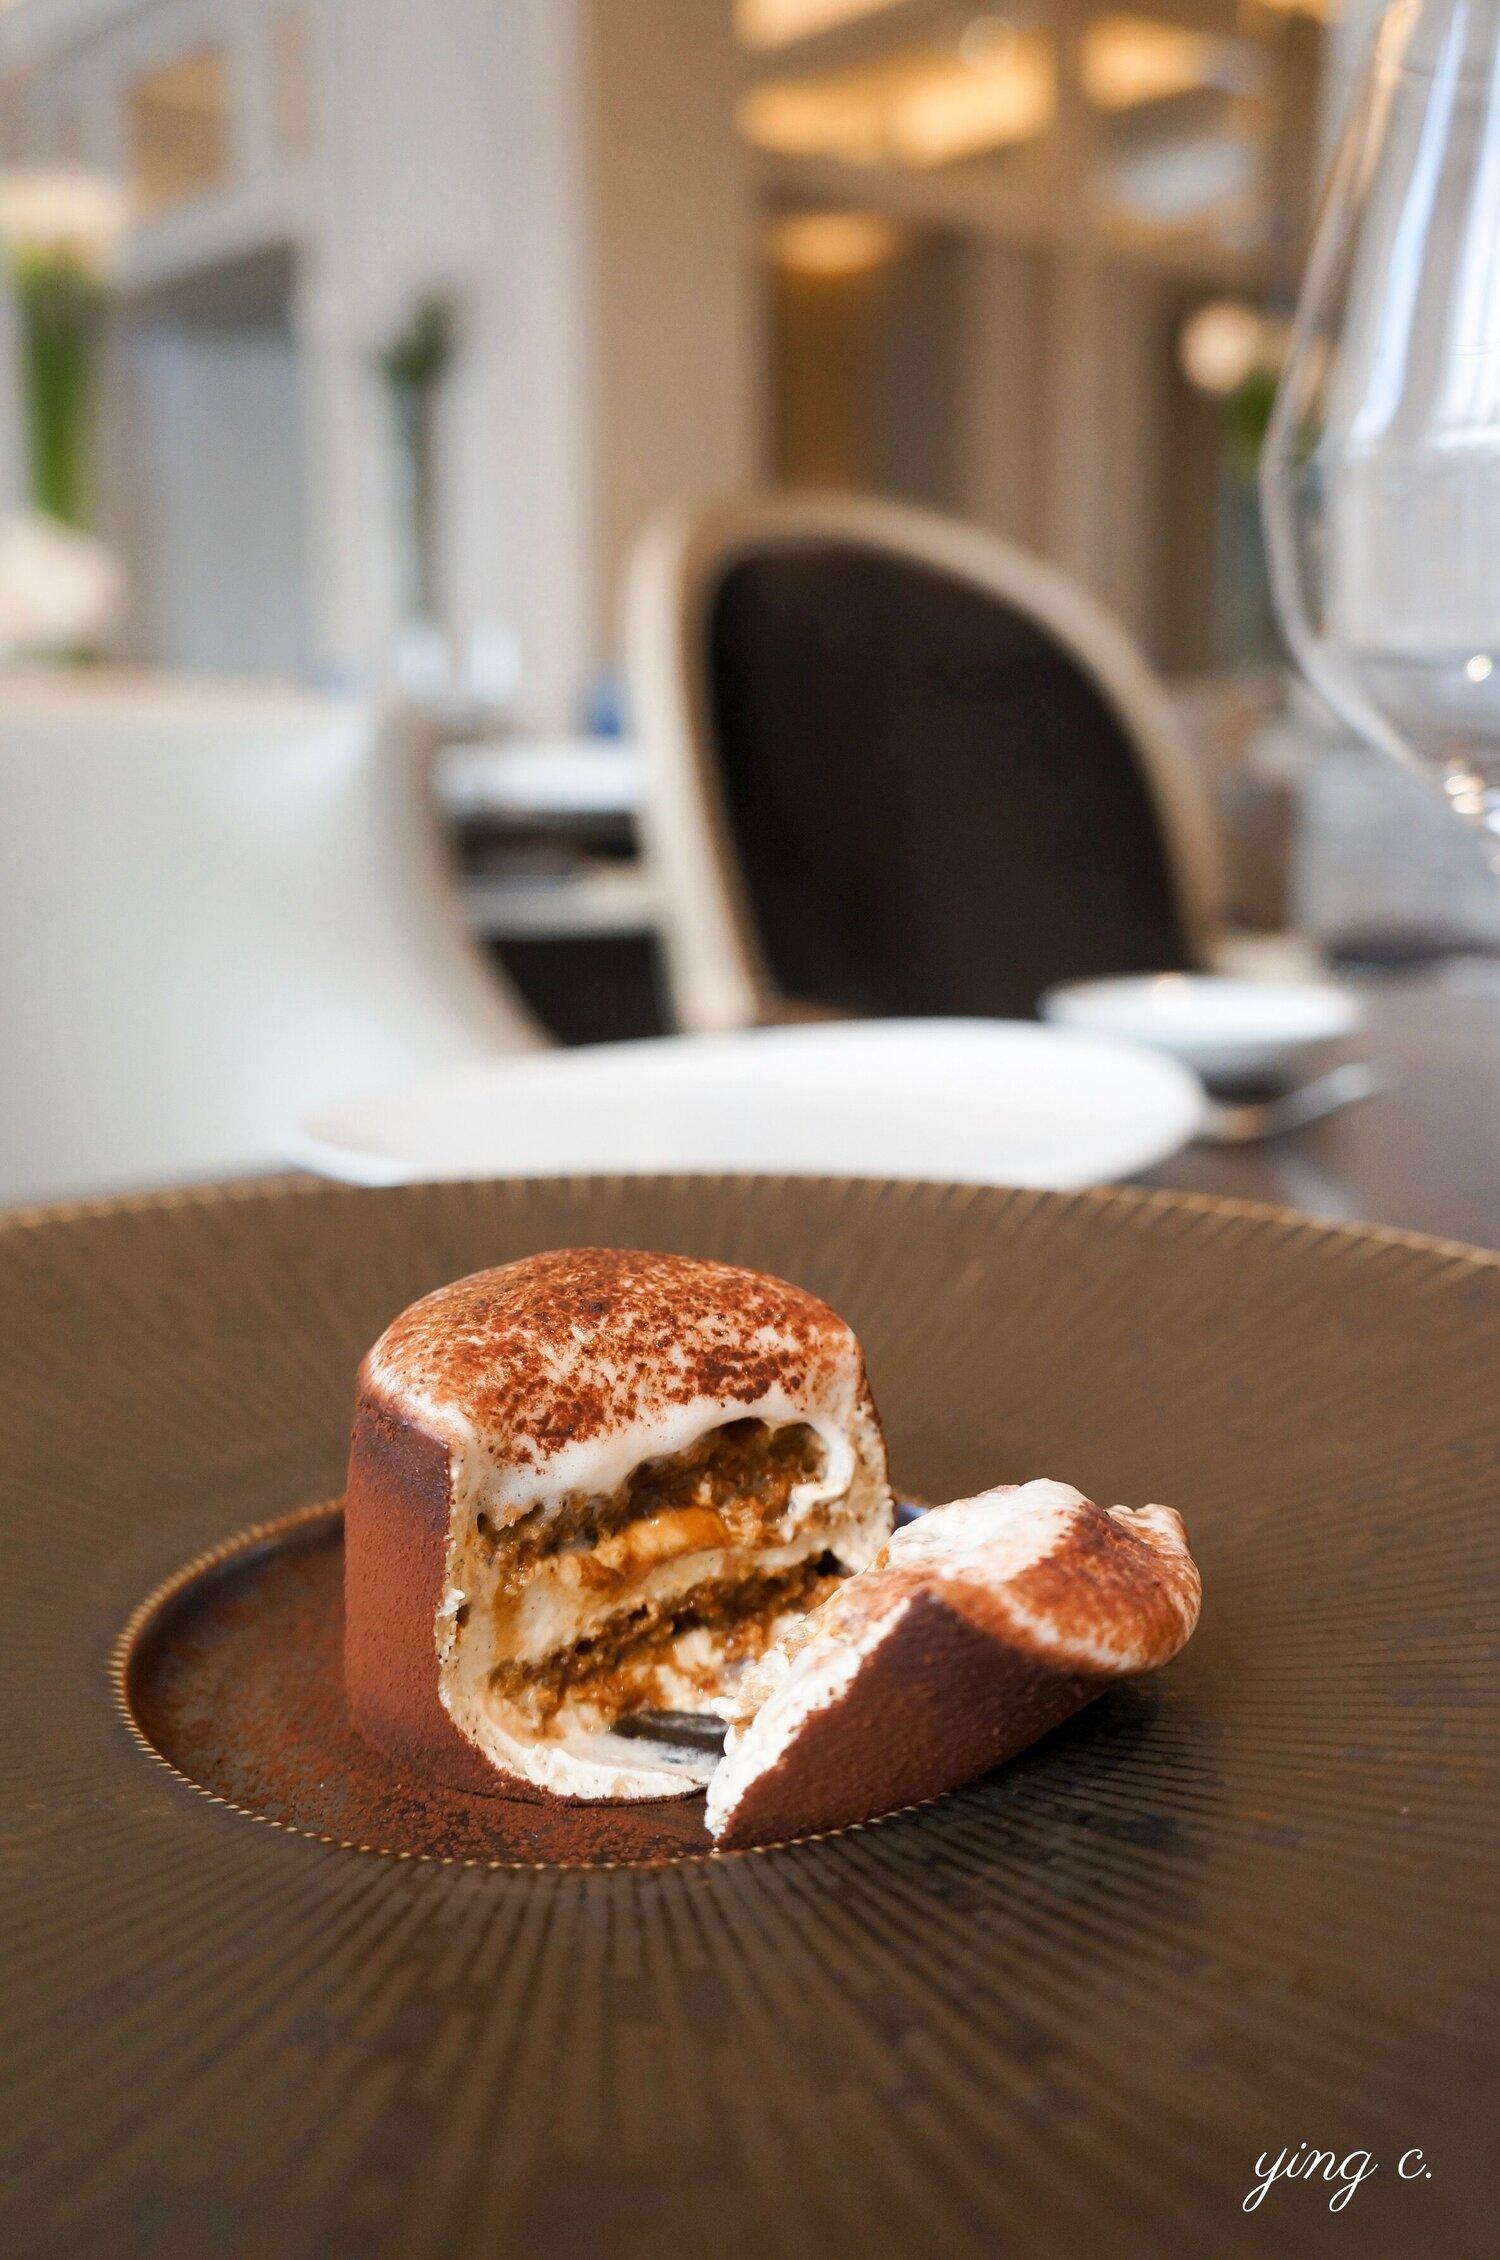 Maxime Frédéric  主廚為  Le George  義式餐廳創作的提拉米蘇,從切面中可以清楚地看見它的結構,包含 biscuit l'Annécien(Annécien 海綿蛋糕薄片)、crème tiramisu(提拉米蘇奶餡)、glace café à froid et lait infusé(冷泡咖啡冰淇淋)、crispy sarrasin(酥脆蕎麥)、mousse de lait(牛奶慕斯)等,再以諾曼地新鮮白乳酪製成外環包裹。  這也是一道用典型的法式蛋糕組成邏輯去重新演繹異國經典的作品: 麵糰 (Annécien 海綿蛋糕薄片,另外再加酥脆蕎麥增添口感)+ 奶餡 (提拉米蘇奶餡、咖啡冰淇淋)+ 裝飾 (牛奶慕斯、可可粉)。本蛋糕沒有淋面,但是由諾曼地新鮮白乳酪外環裹住全部的層次、再灑上可可粉,取代了淋面的作用。一人份小蛋糕的形式,比原始版本更為精緻。